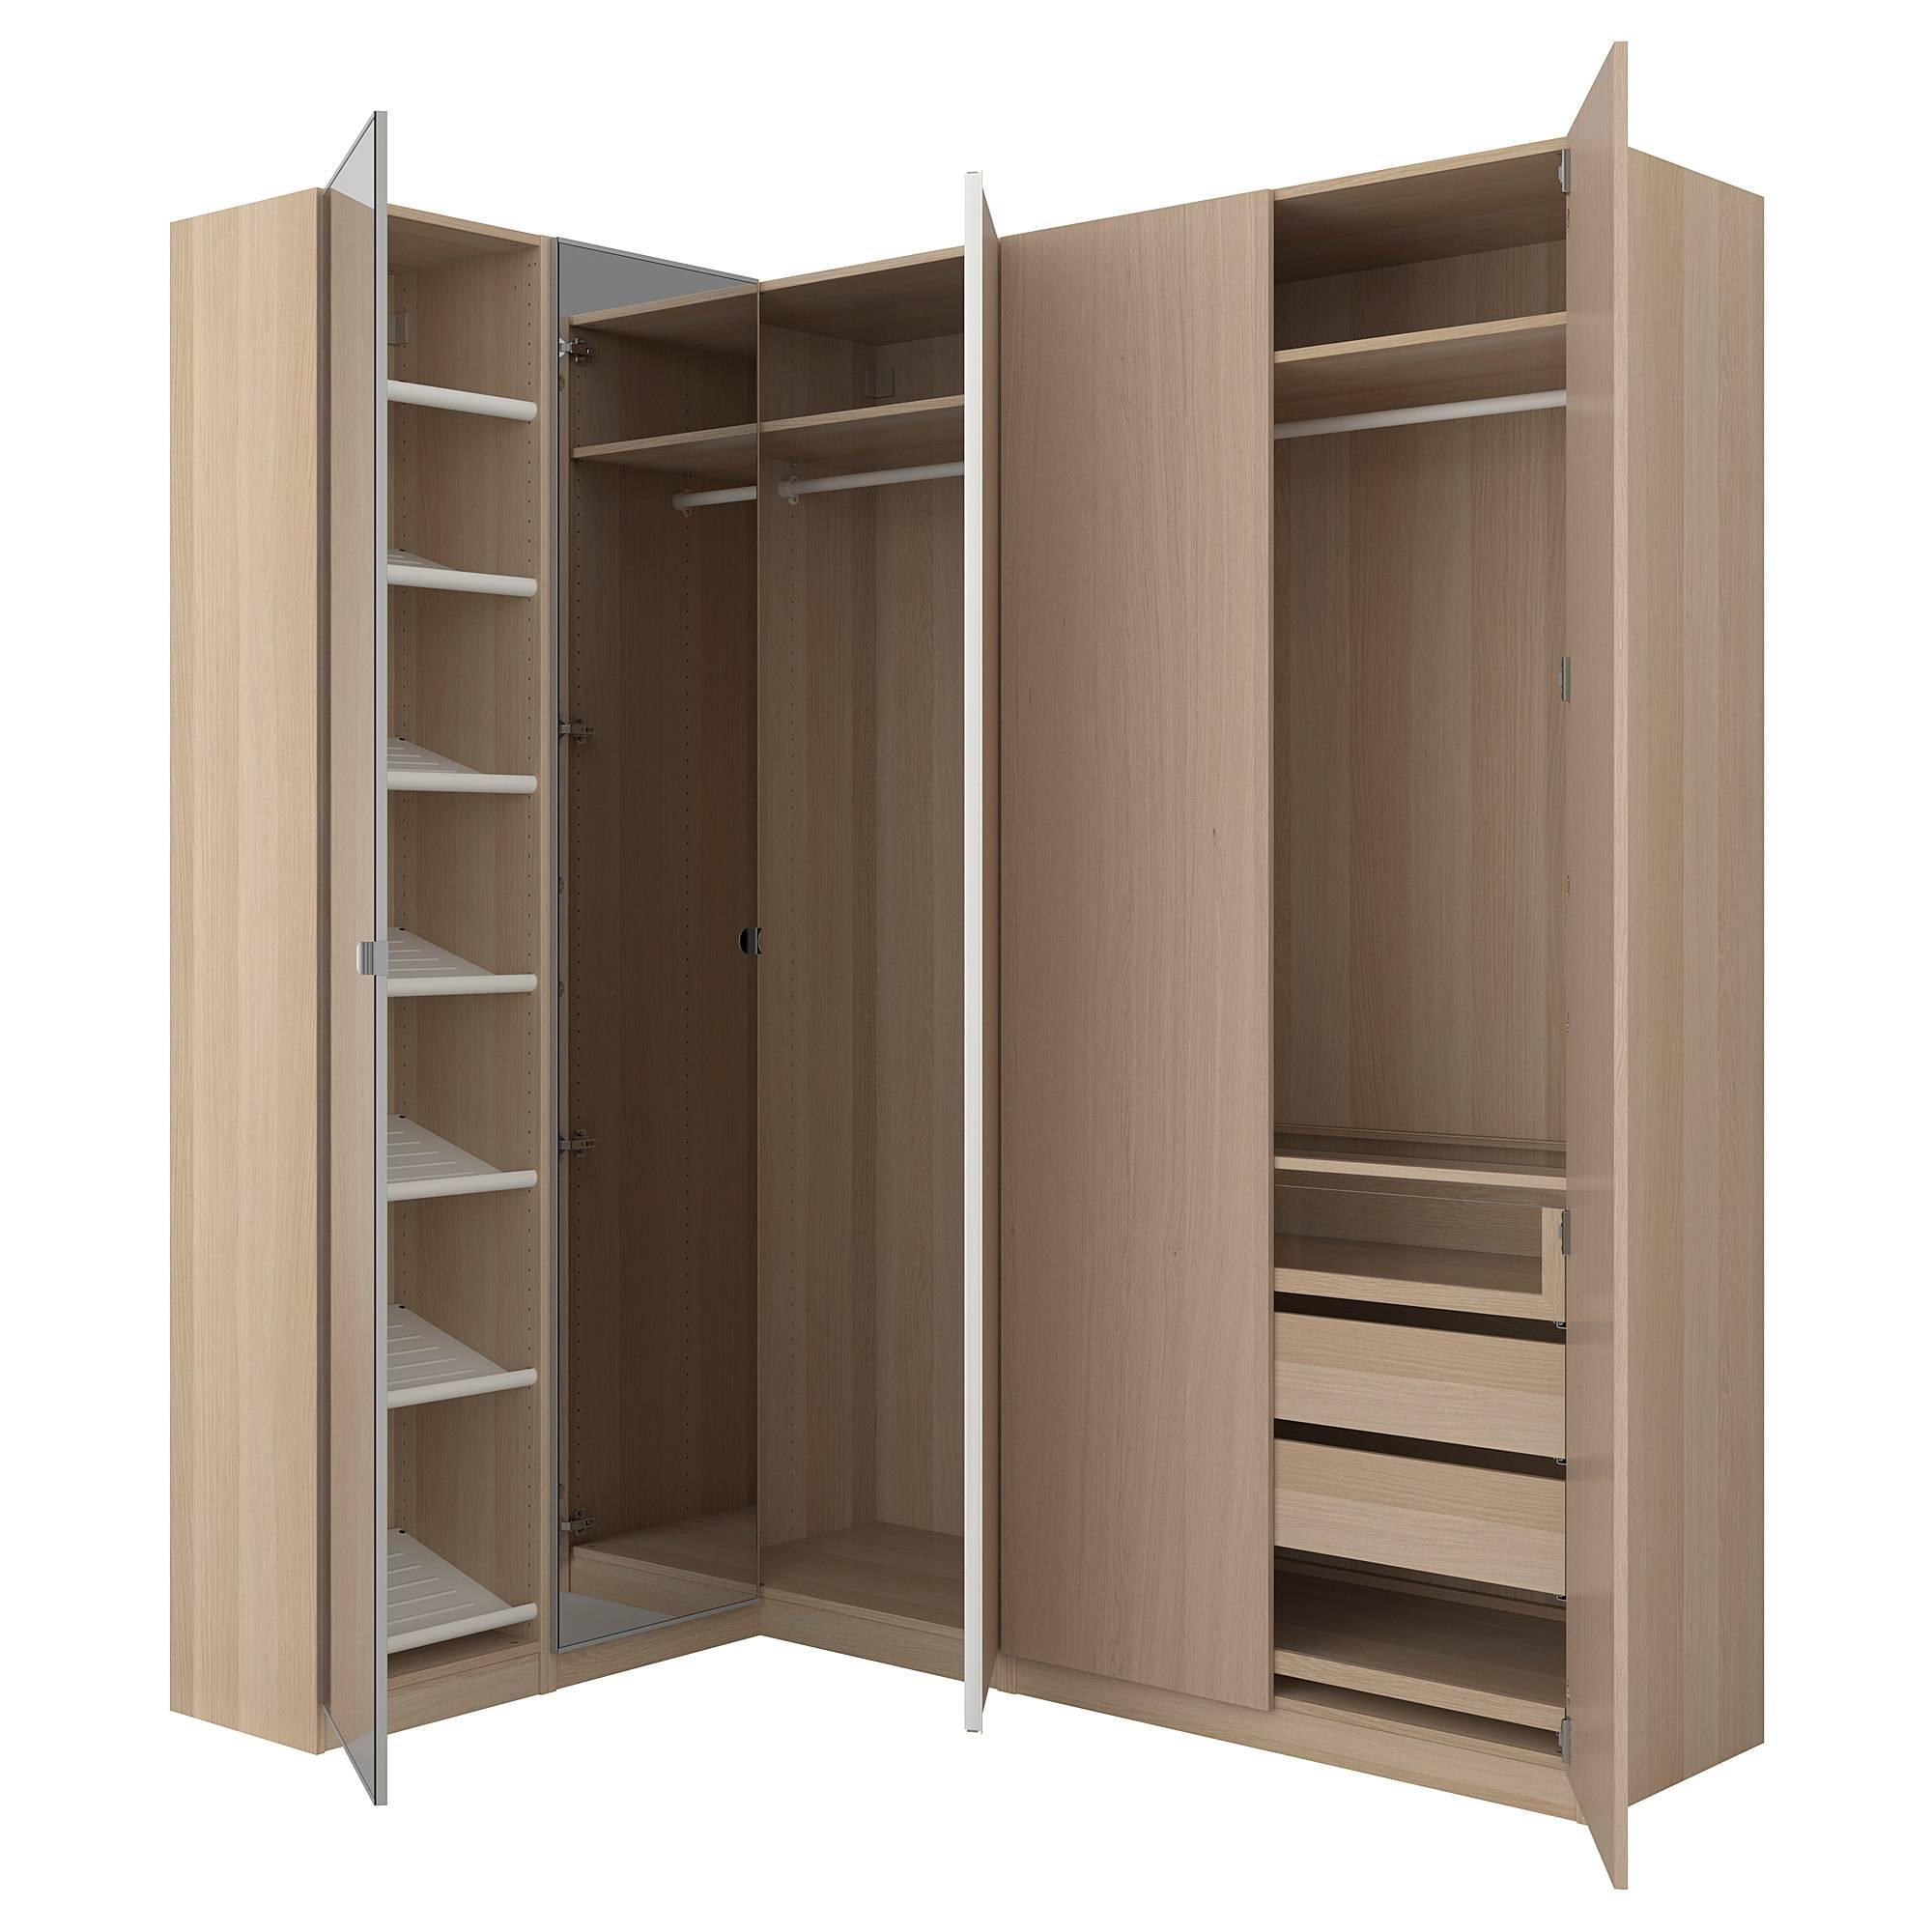 Corner Wardrobes Regarding Oak Corner Wardrobes (View 5 of 15)